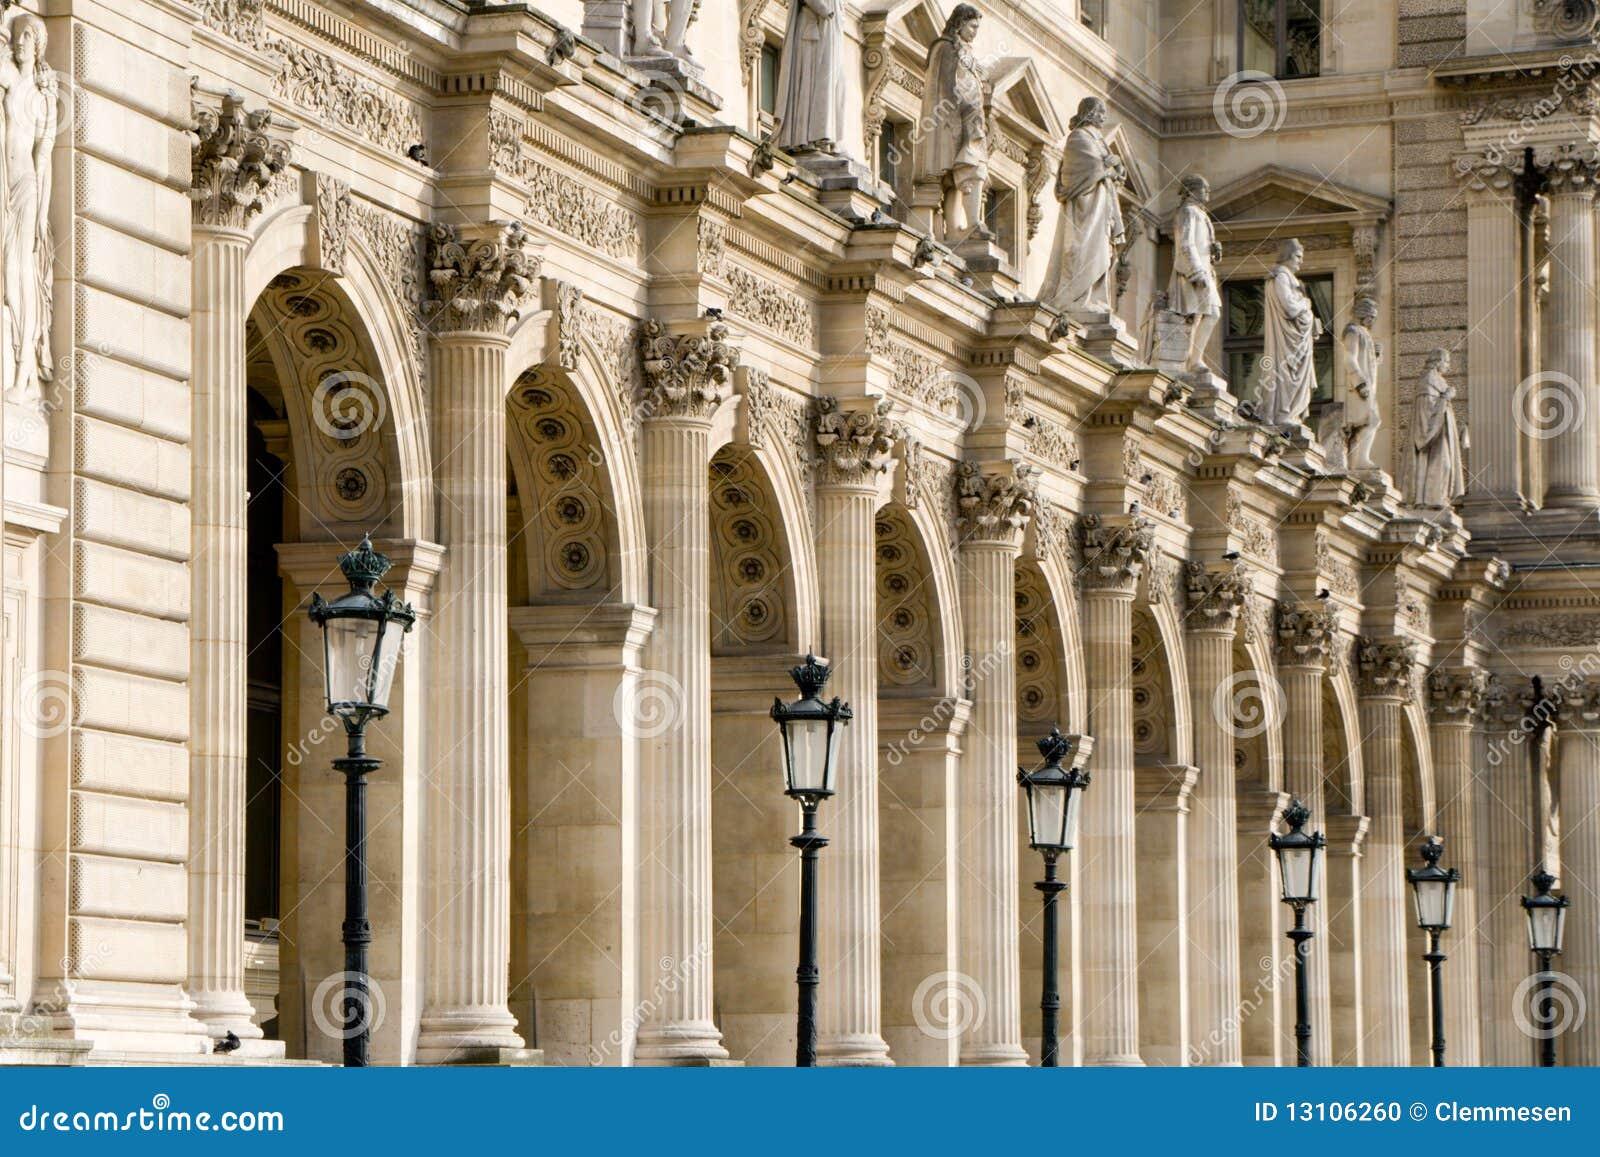 Architecture In Paris Stock Photo Image 13106260